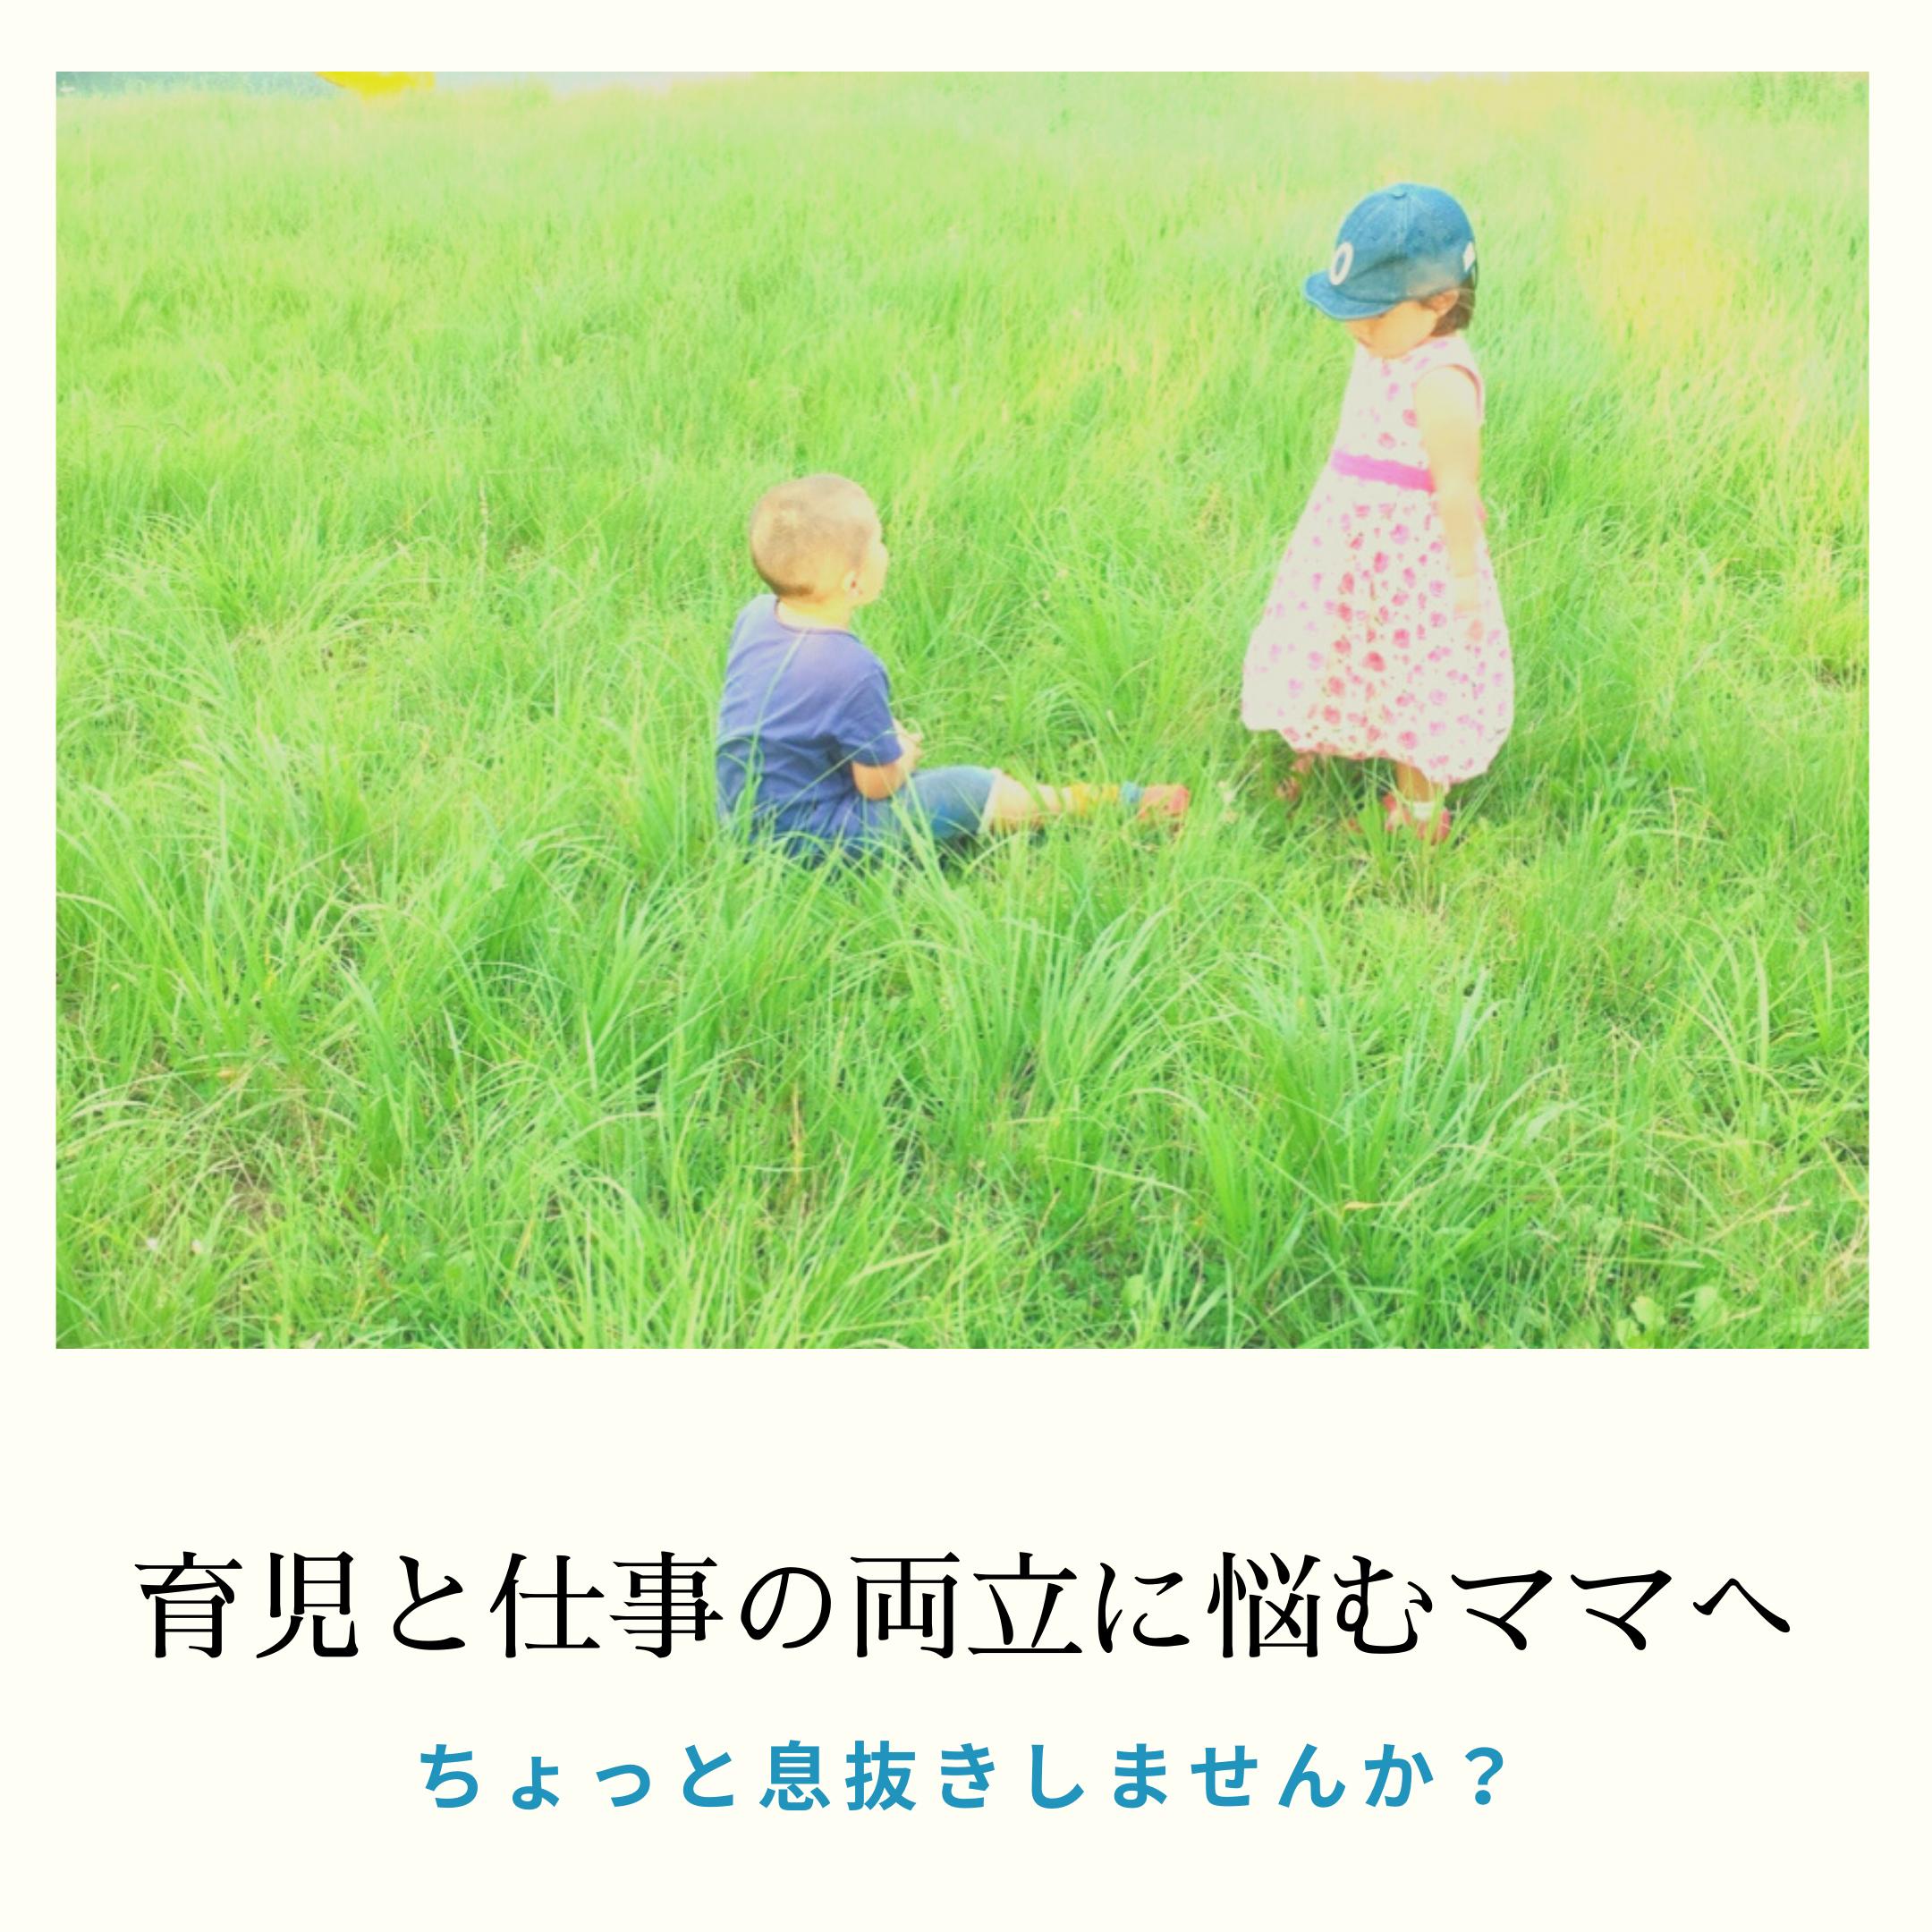 ◆◆仕事をしながら育児をしている方向け◆◆オンライン相談